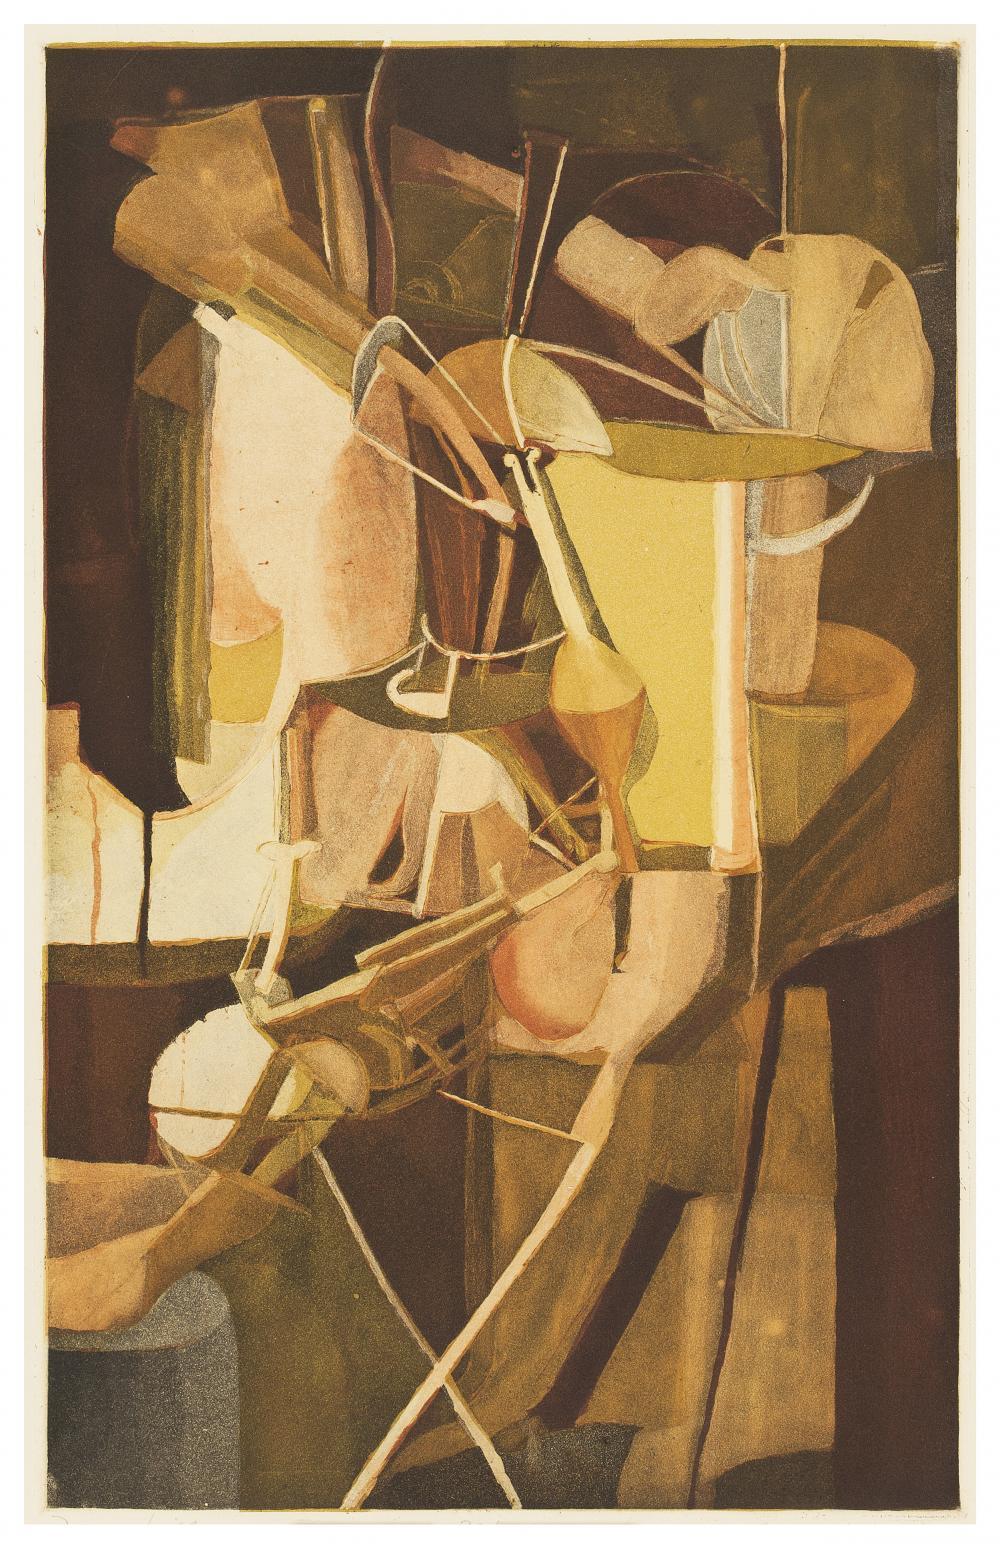 Jacques Villon; Marcel Duchamp, La Mariée [The Bride], 1934